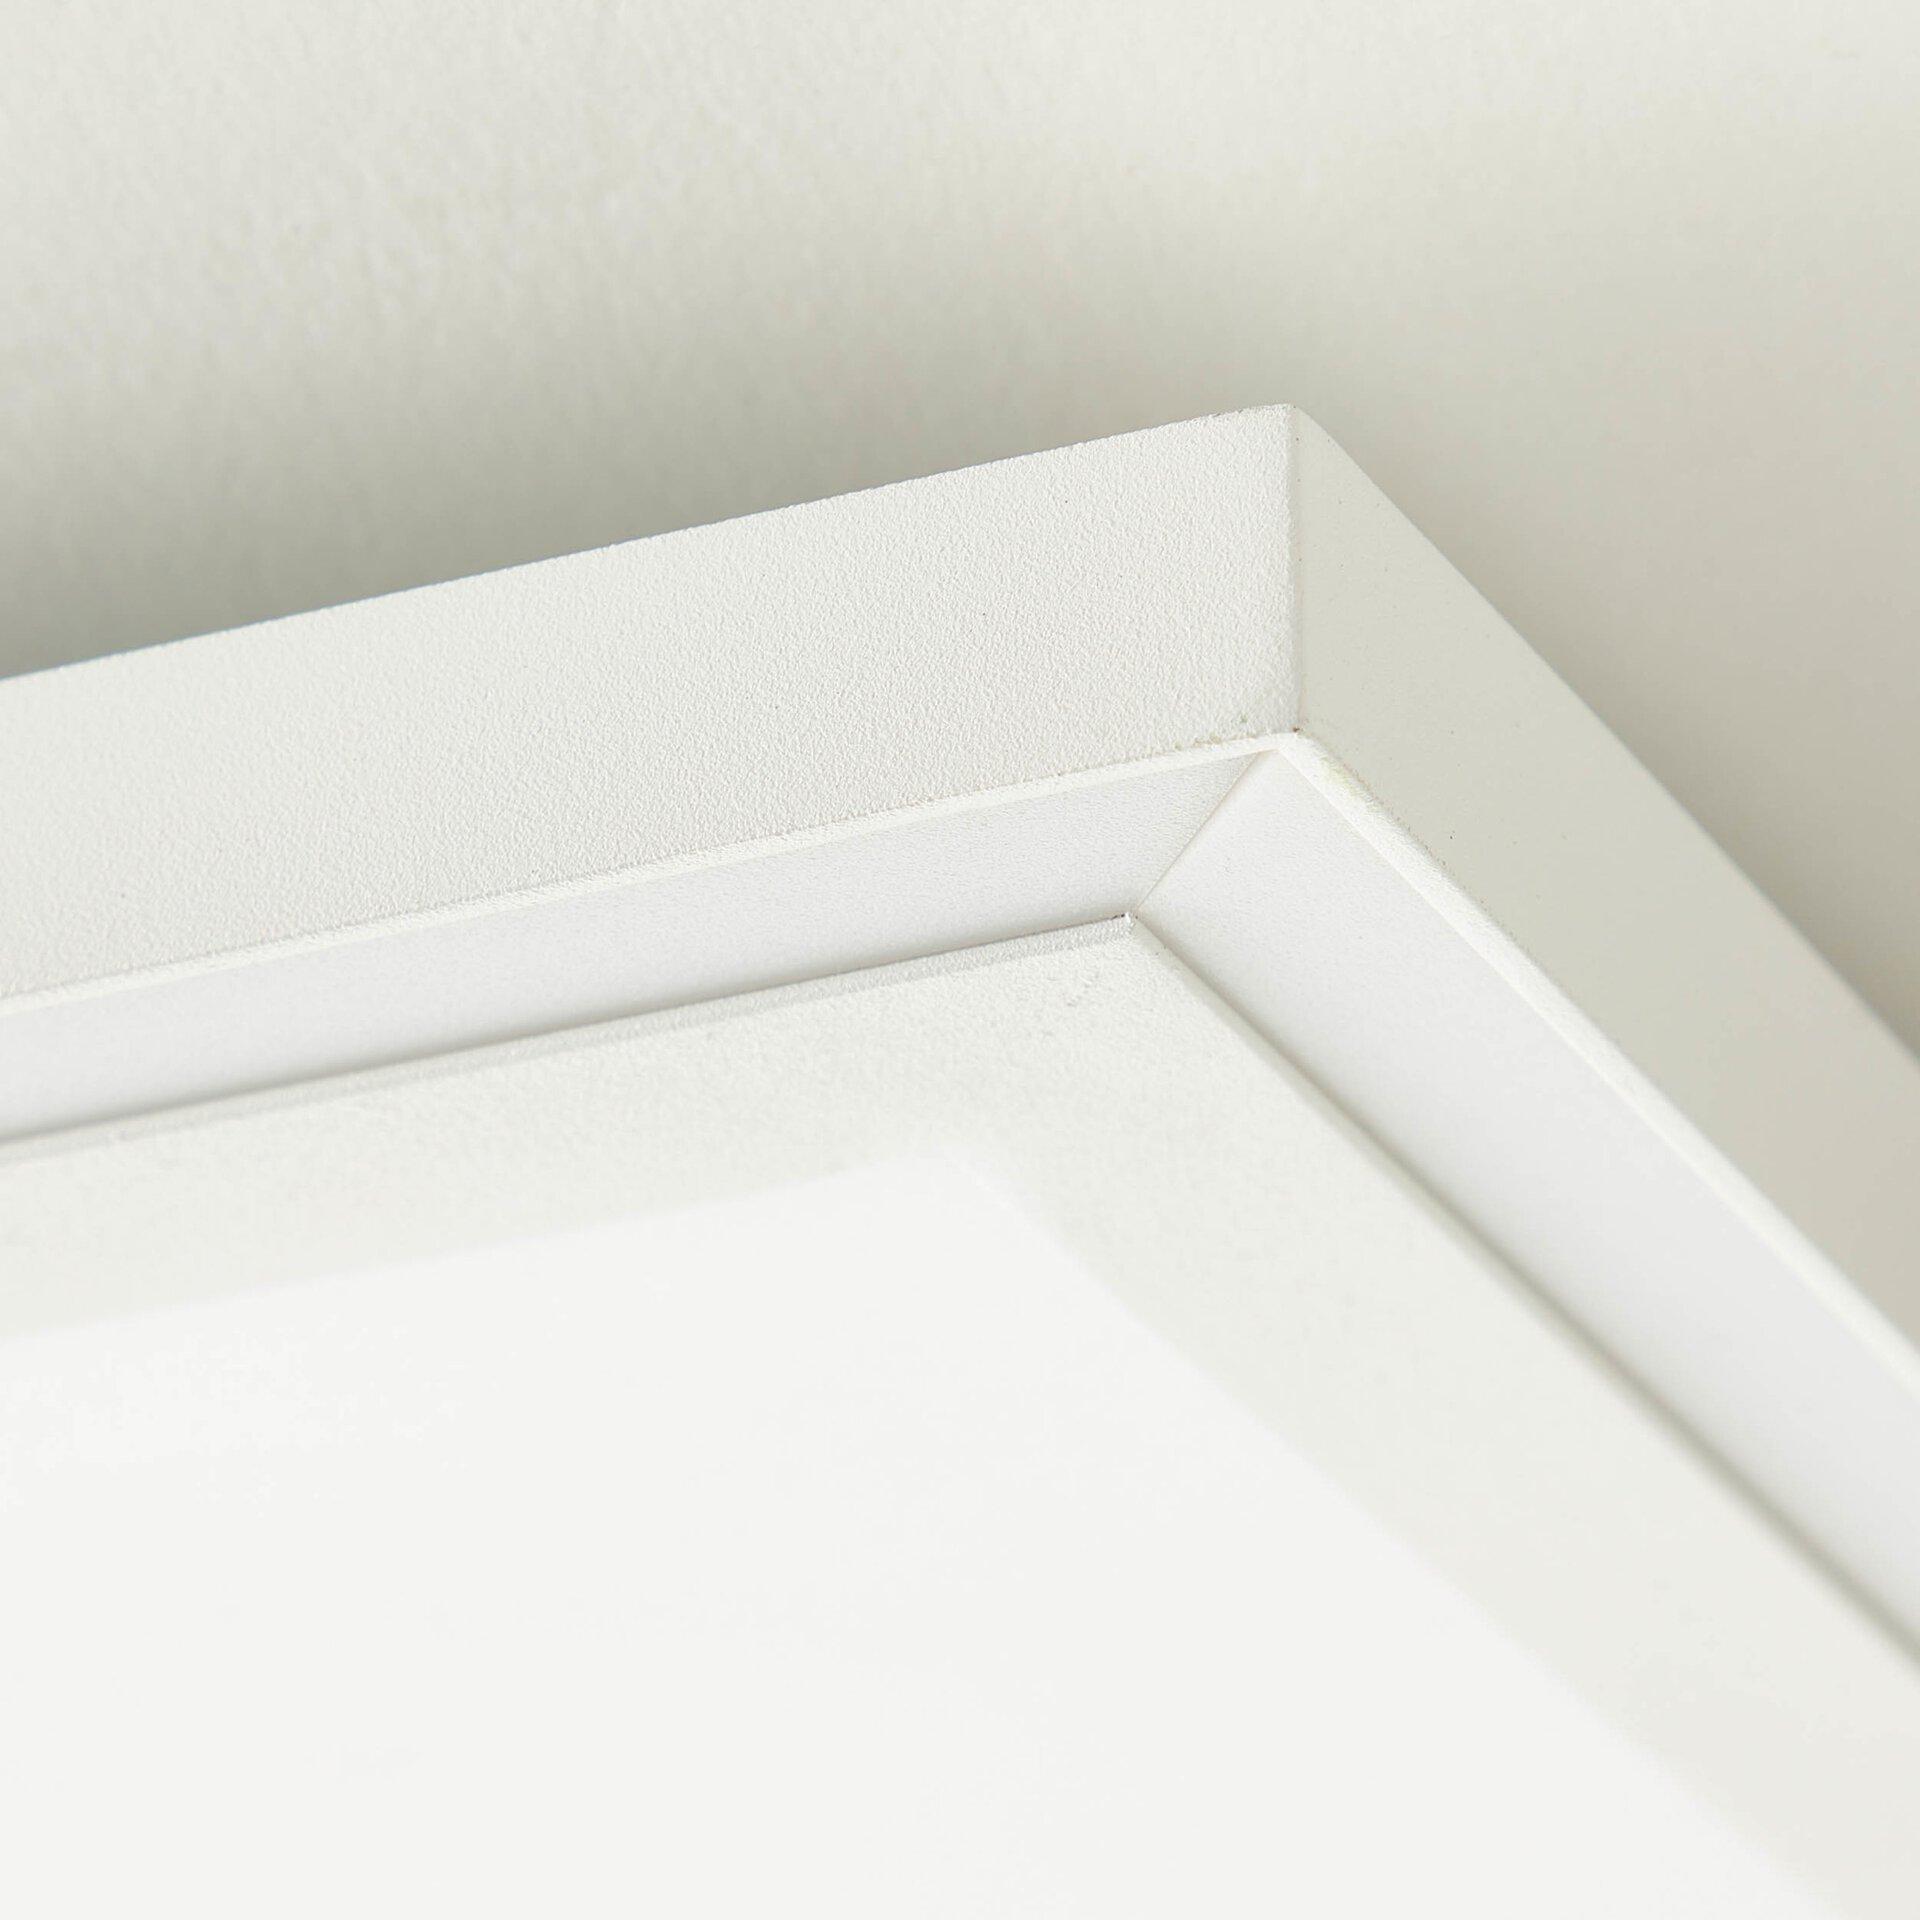 Deckenleuchte LANETTE Brilliant Metall weiß 60 x 5 x 60 cm